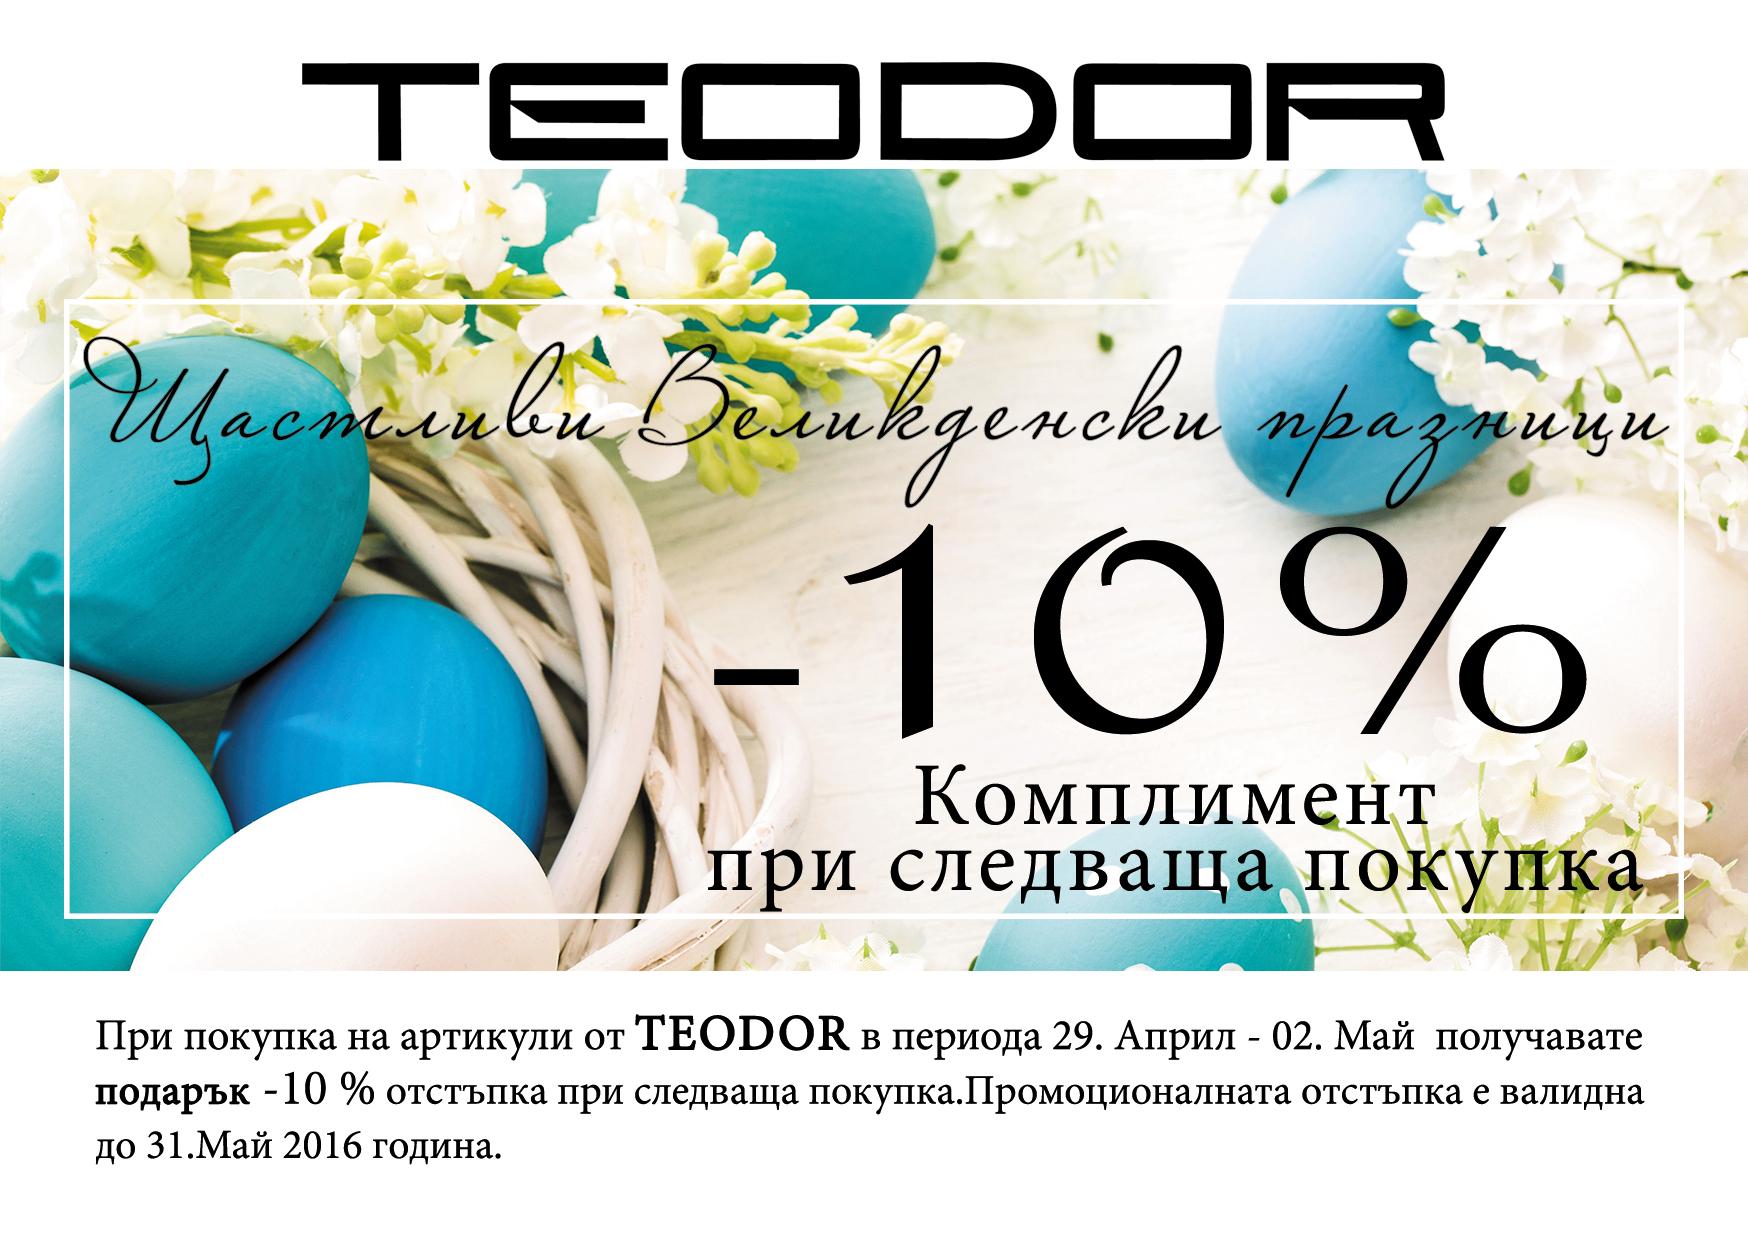 TEODOR – ВЕЛИКДЕНСКА ПРОМОЦИЯ